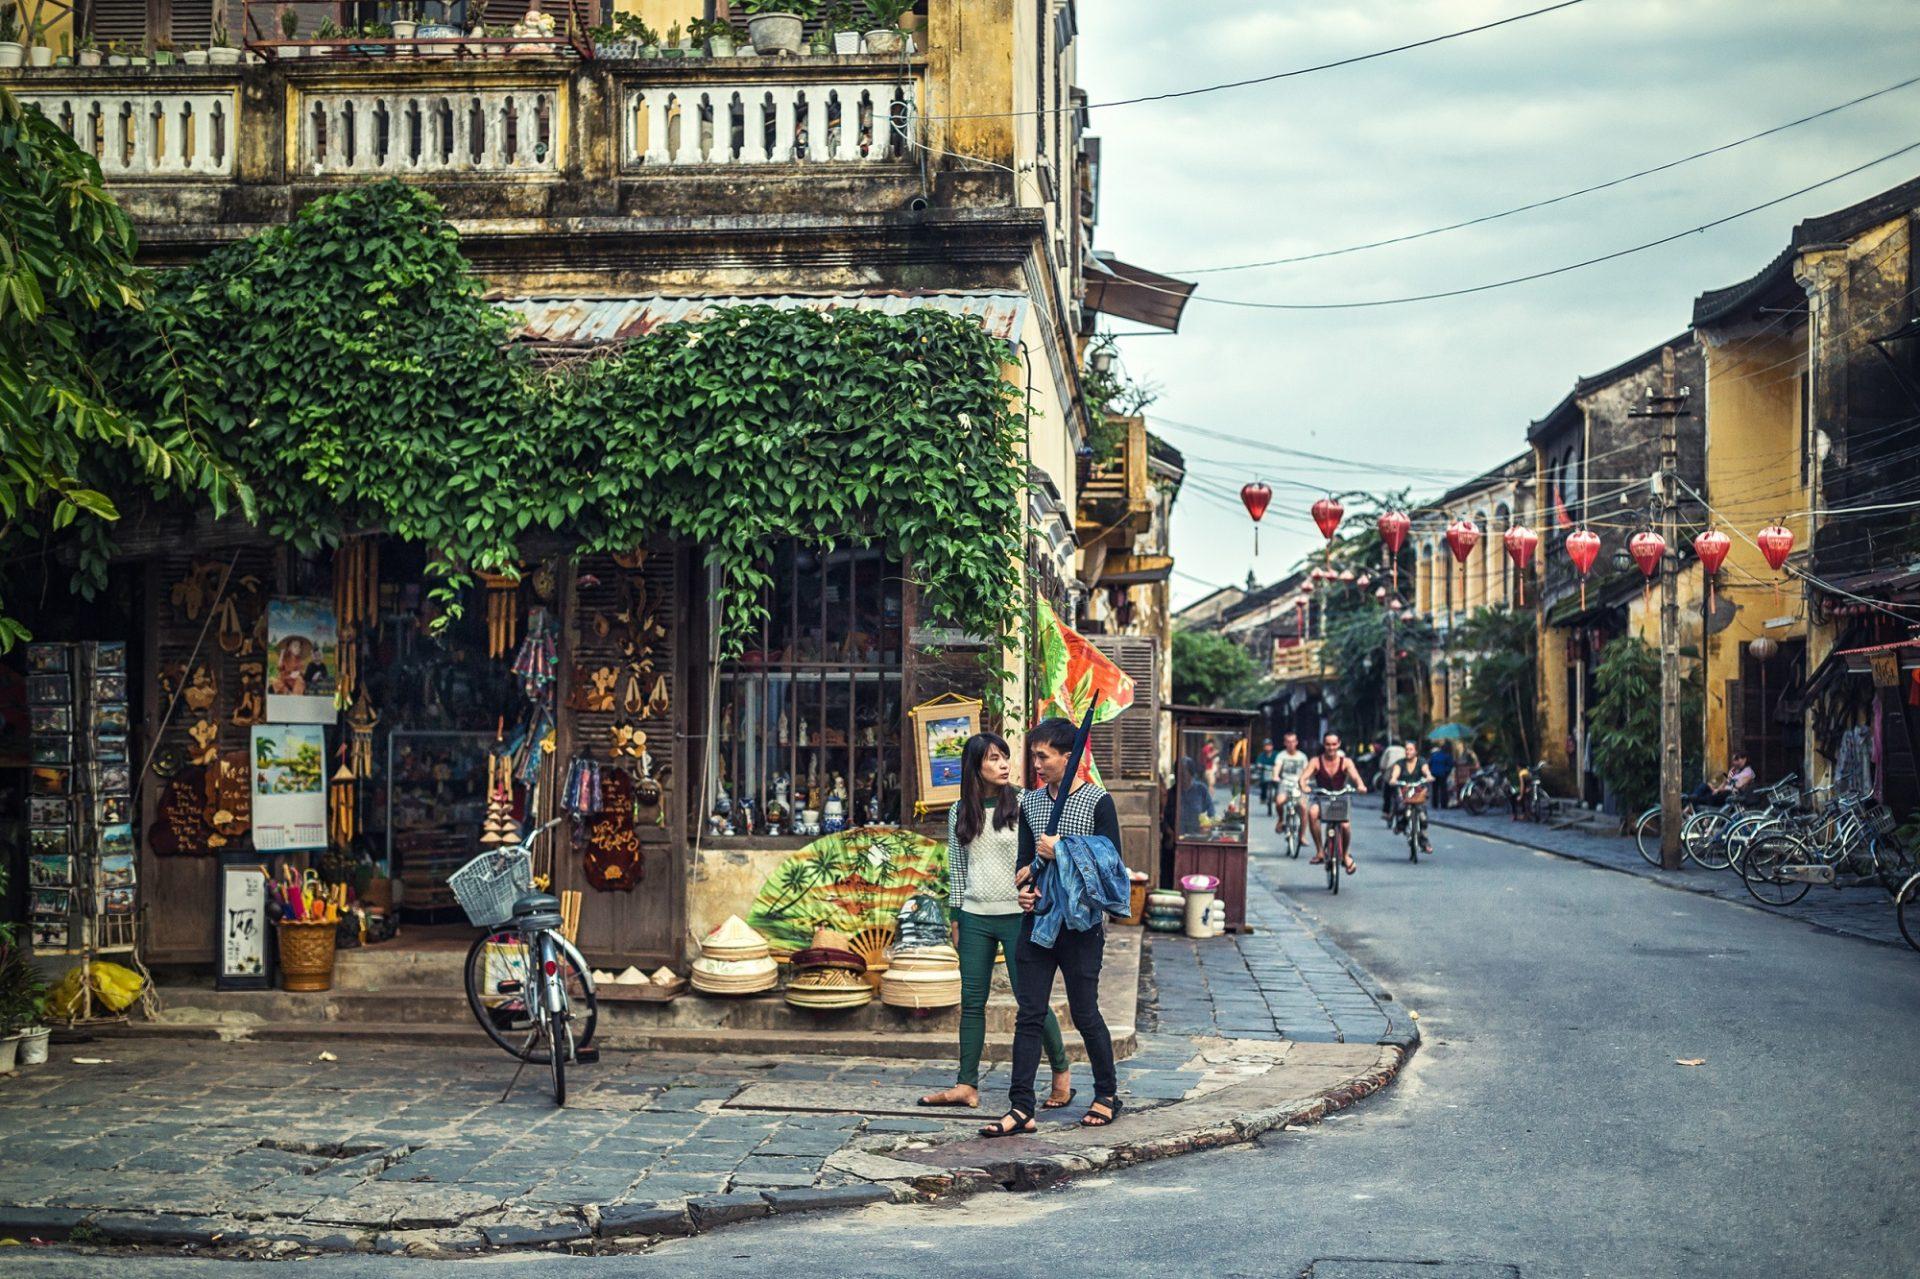 Die Straßen in Vietnam bieten euch viele Sachen, die ihr entdecken könnt